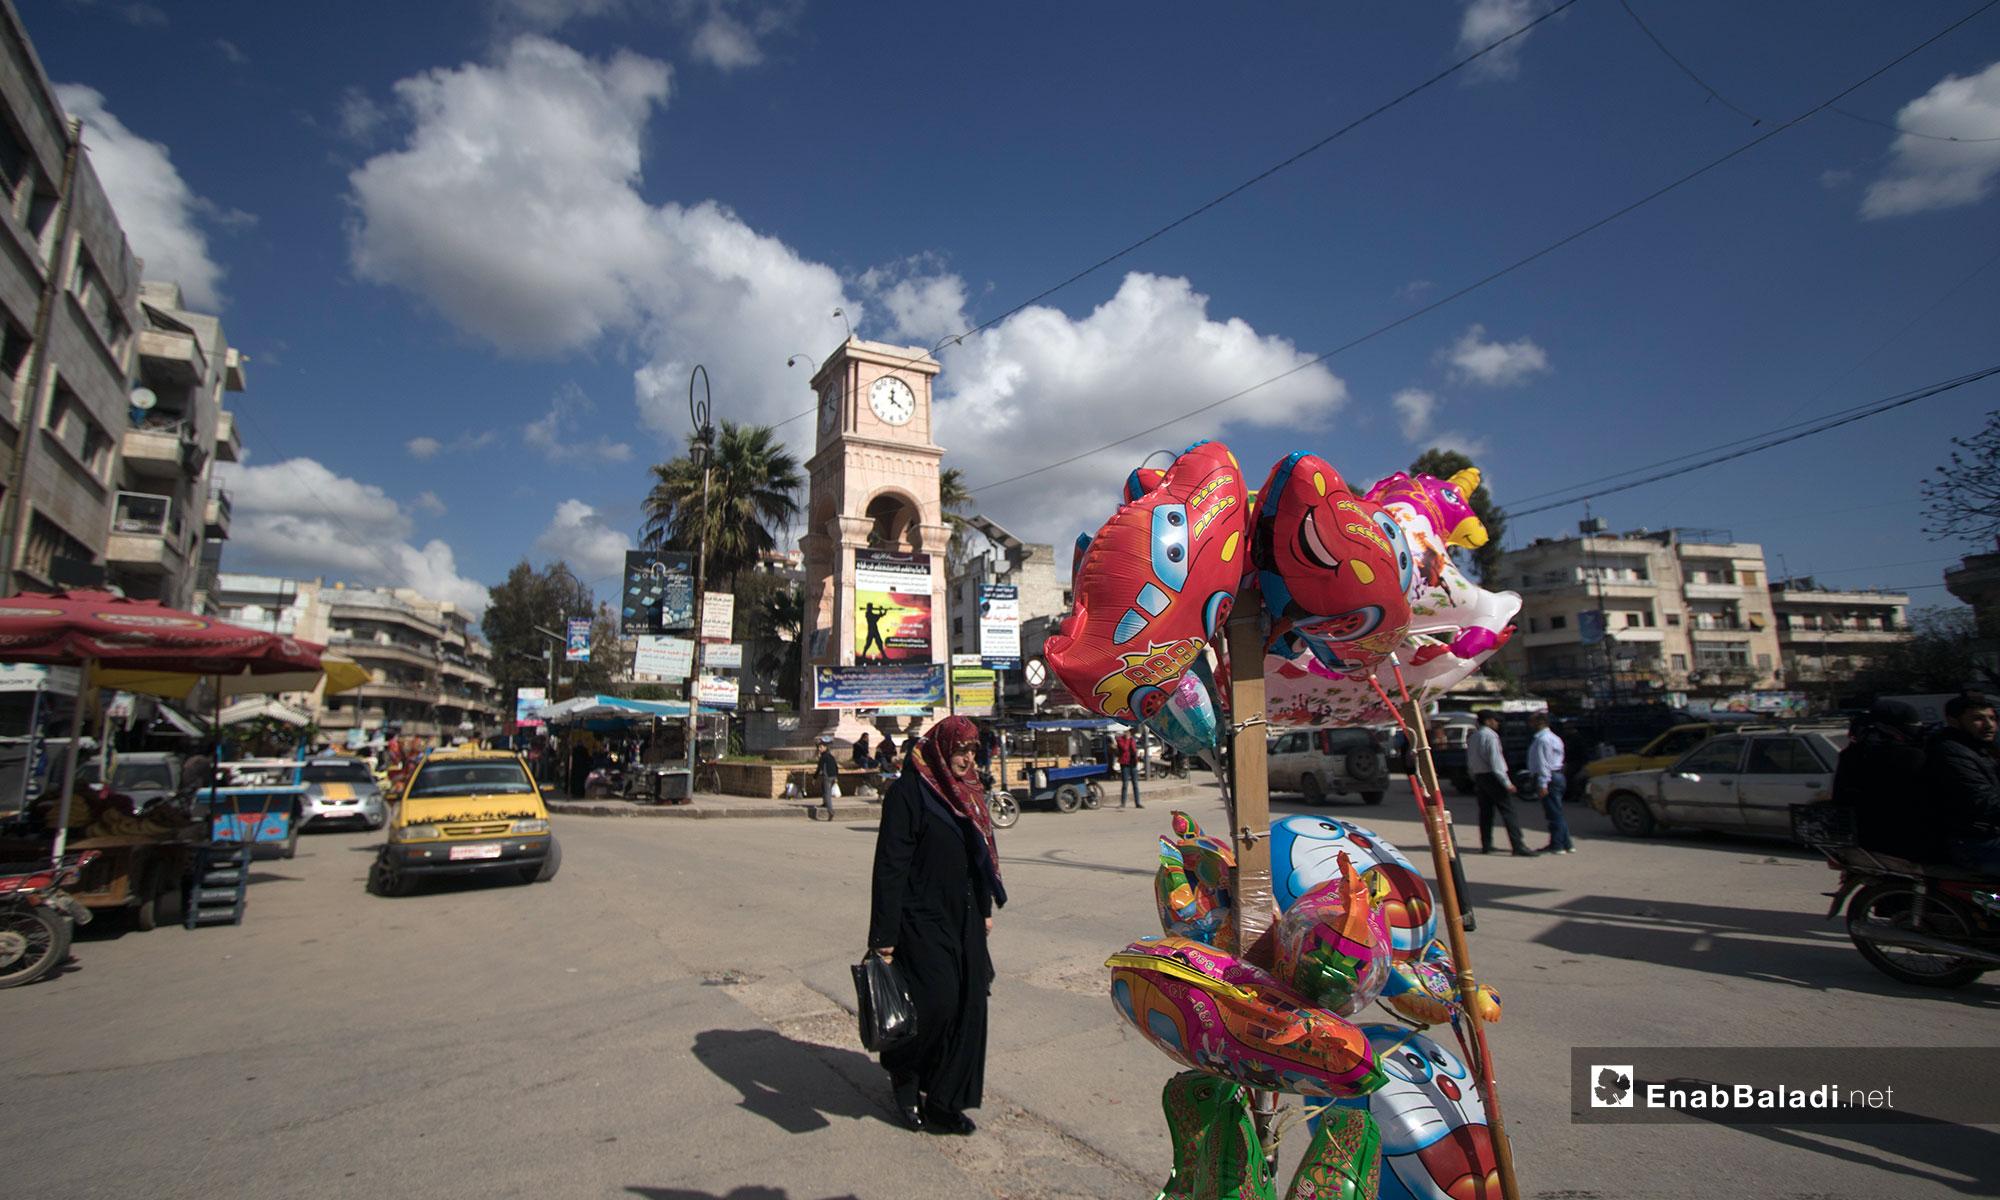 أسواق مدينة إدلب - 10 من نيسان 2019 (عنب بلدي)